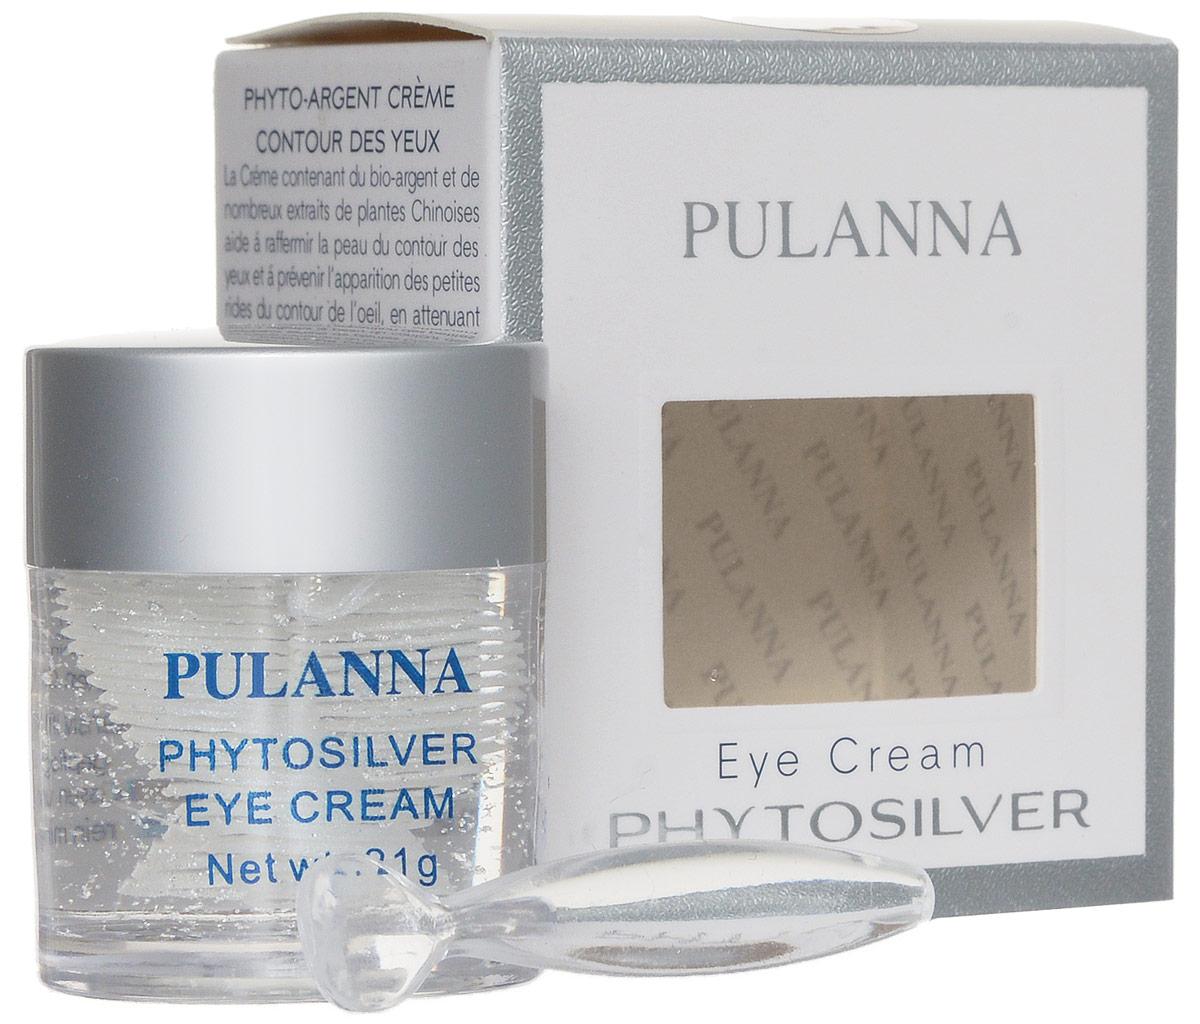 Pulanna Крем для век на основе био-серебра - Phytosilver Eye Cream 21 г5902596005245Крем нормализует водно-жировой баланс, активно увлажненяет, смягчает кожу, способствует обновлению клеток, повышает эластичность кожи век, делая ее более упругой. Разглаживаются мелкие мимические морщинки. Устраняются темные круги под глазами. Крем является базой под макияж. Рекомендован с 18 лет. Серия косметических средств PULANNA на основе био-серебра награждена Почетной Золотой медалью РАЕН им. И. И. Мечникова За практический вклад в укрепление здоровья нации.